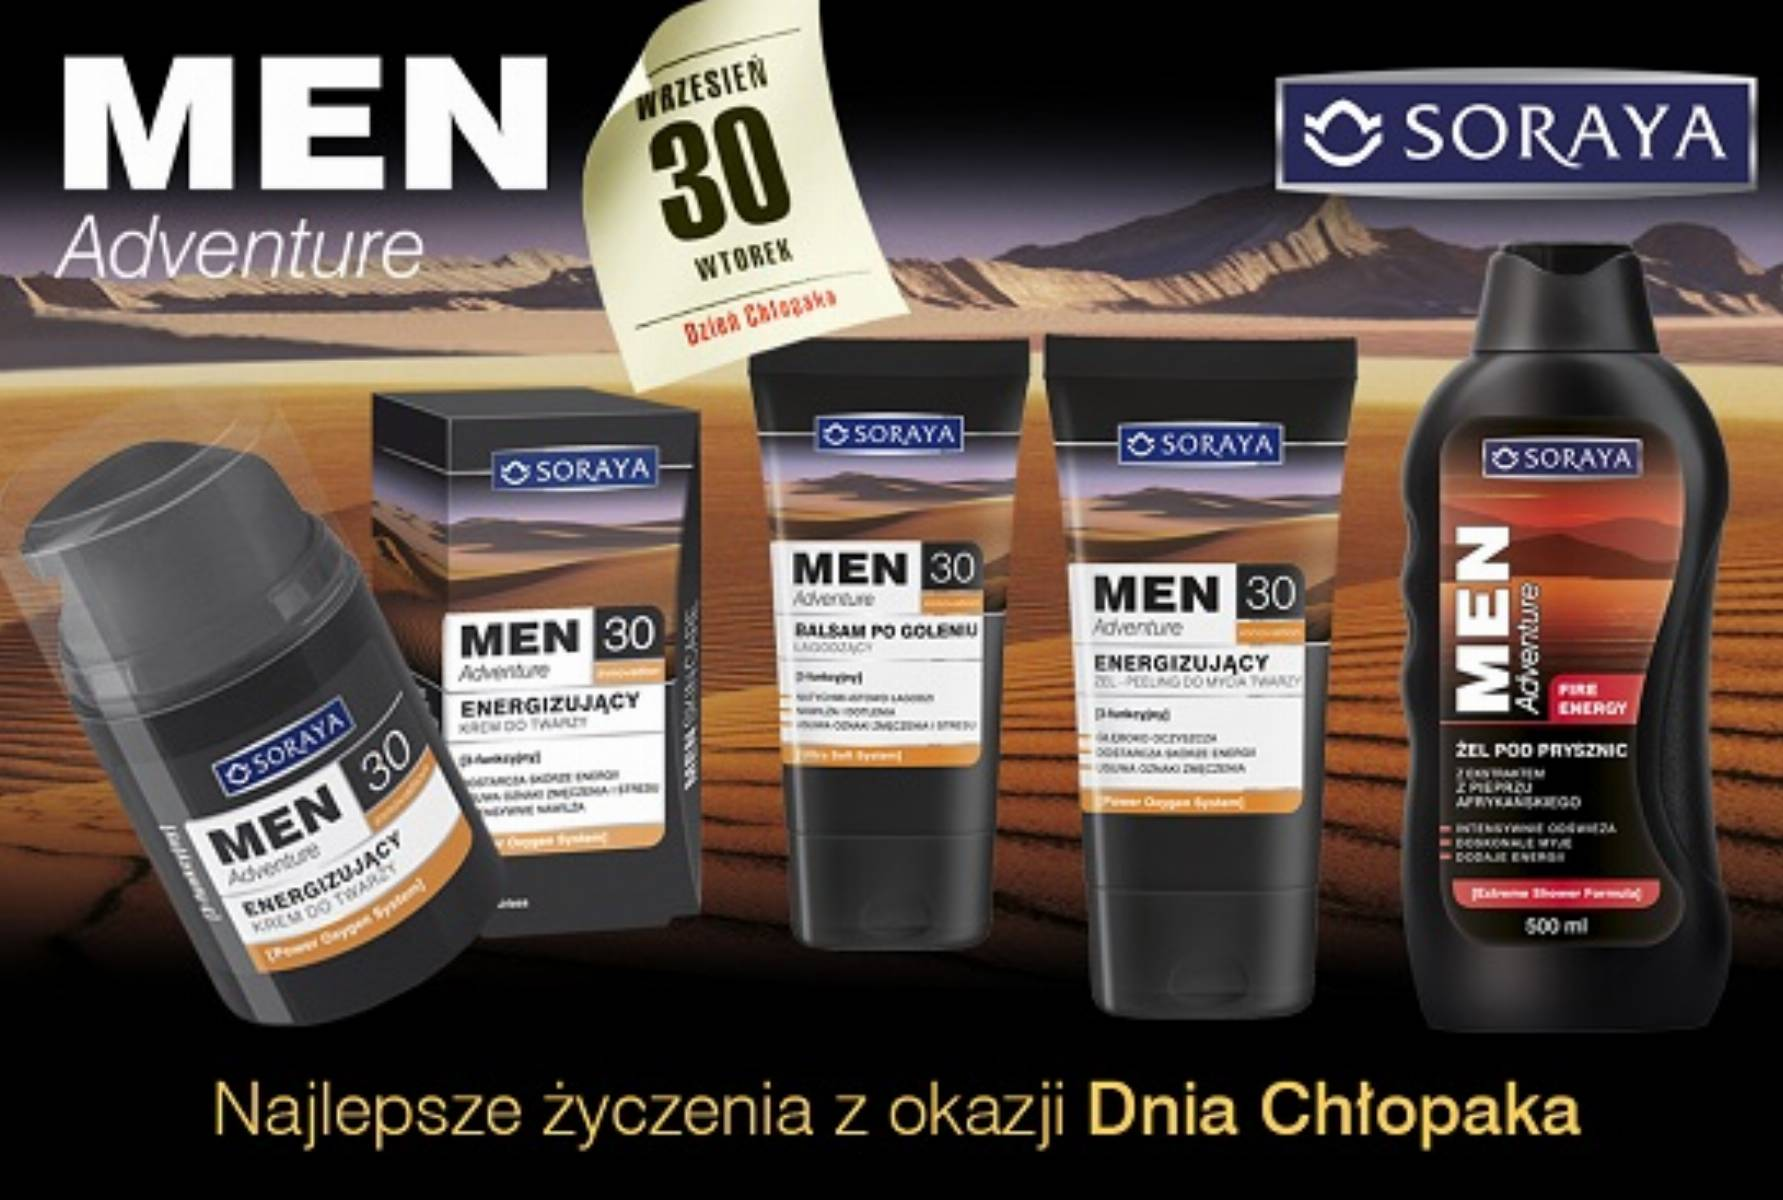 Soraya Men Adventure 30+